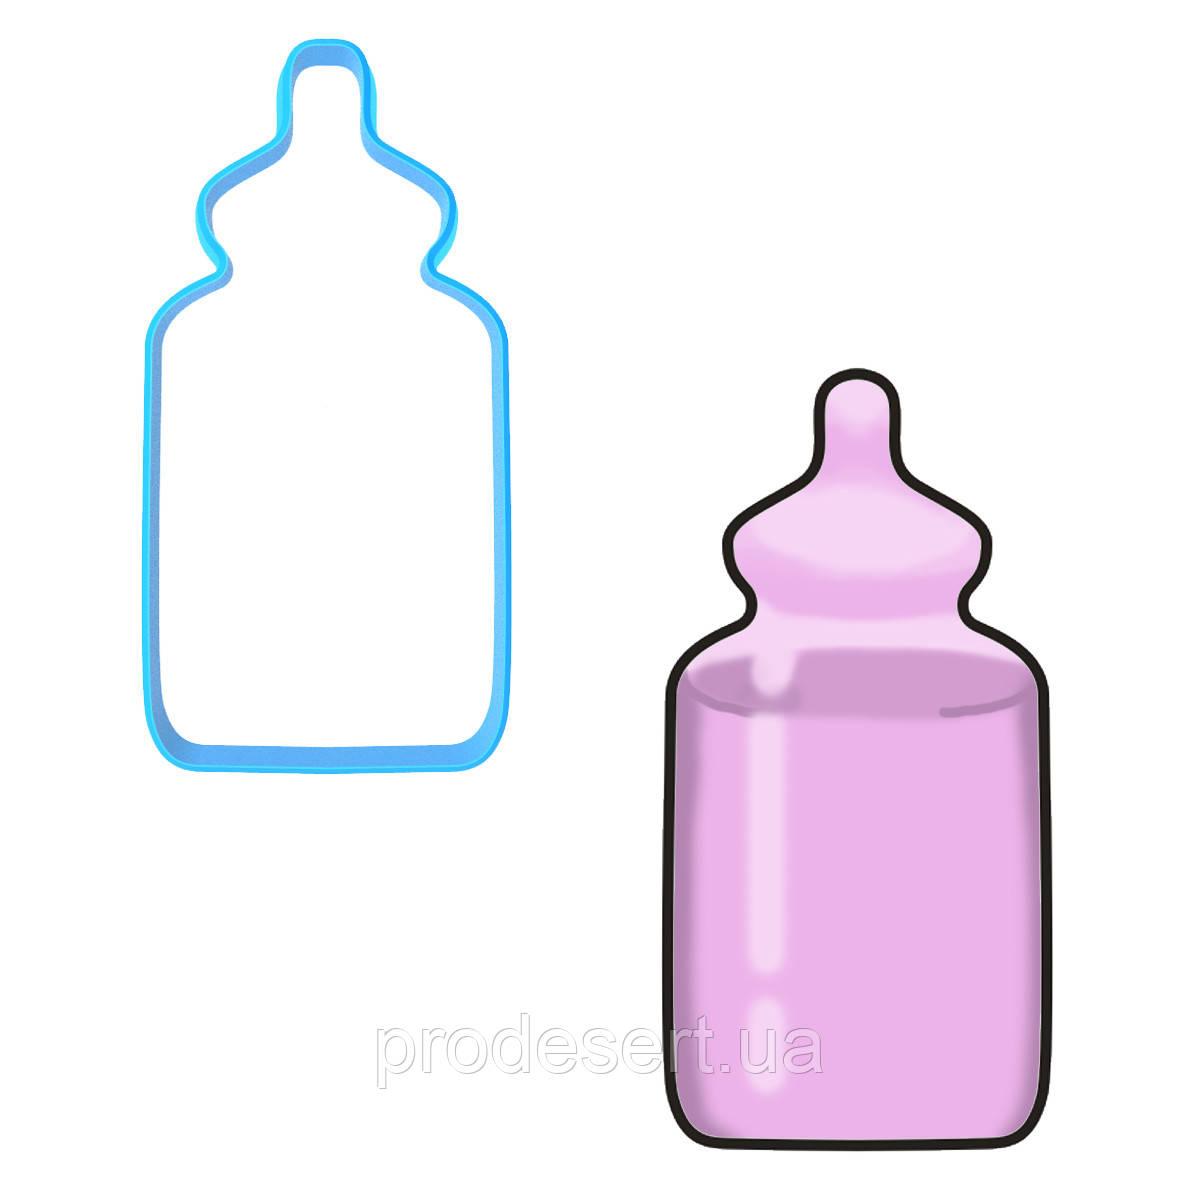 Вирубка для пряників Пляшечка 10*4,9 см (3D)